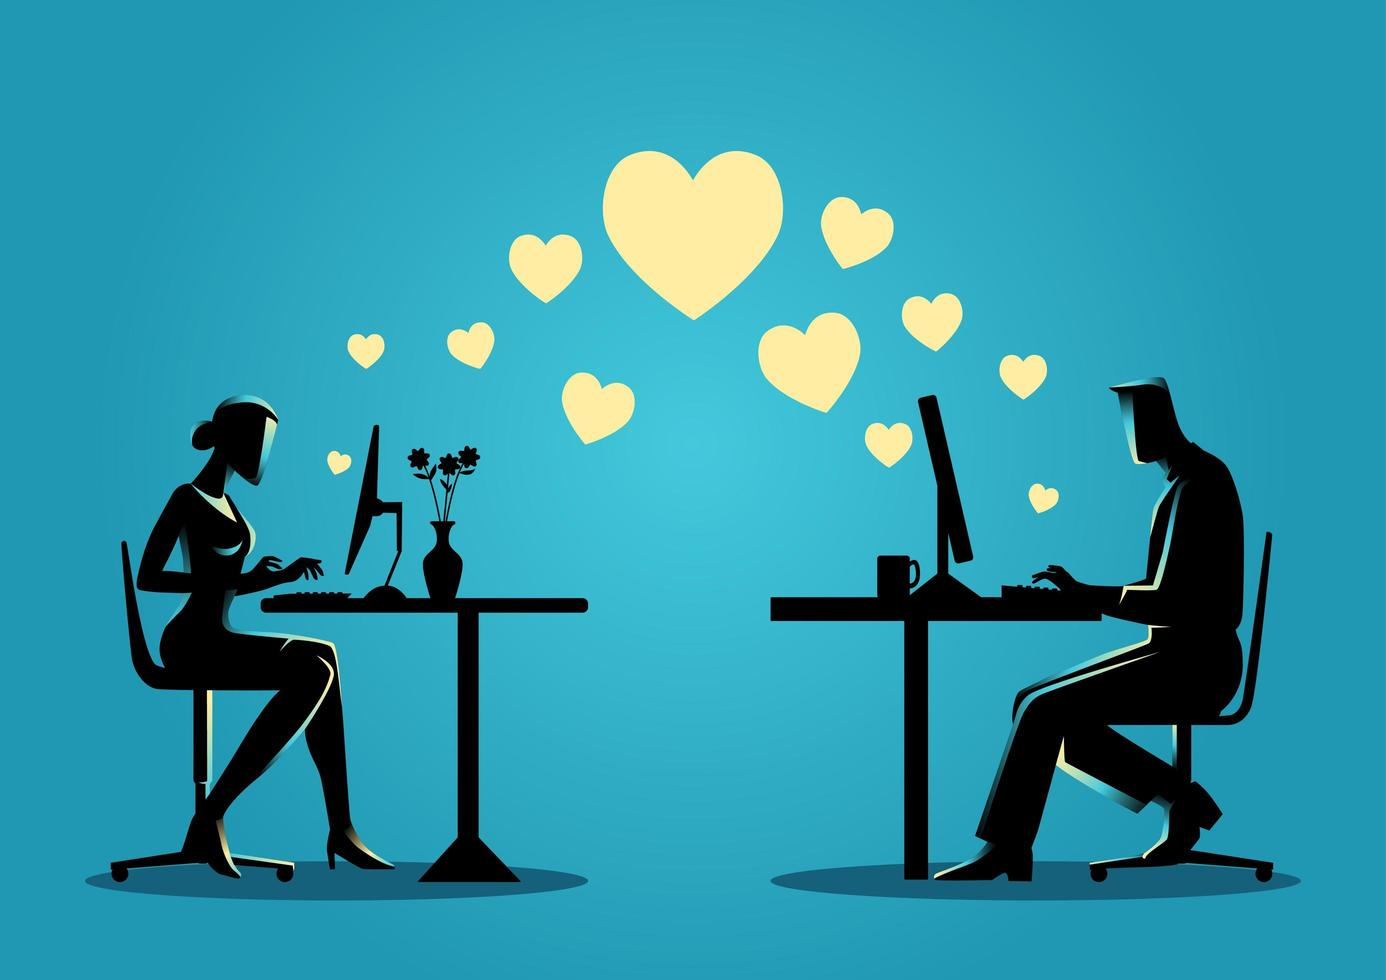 Silhouette von Mann und Frau, die online chatten vektor